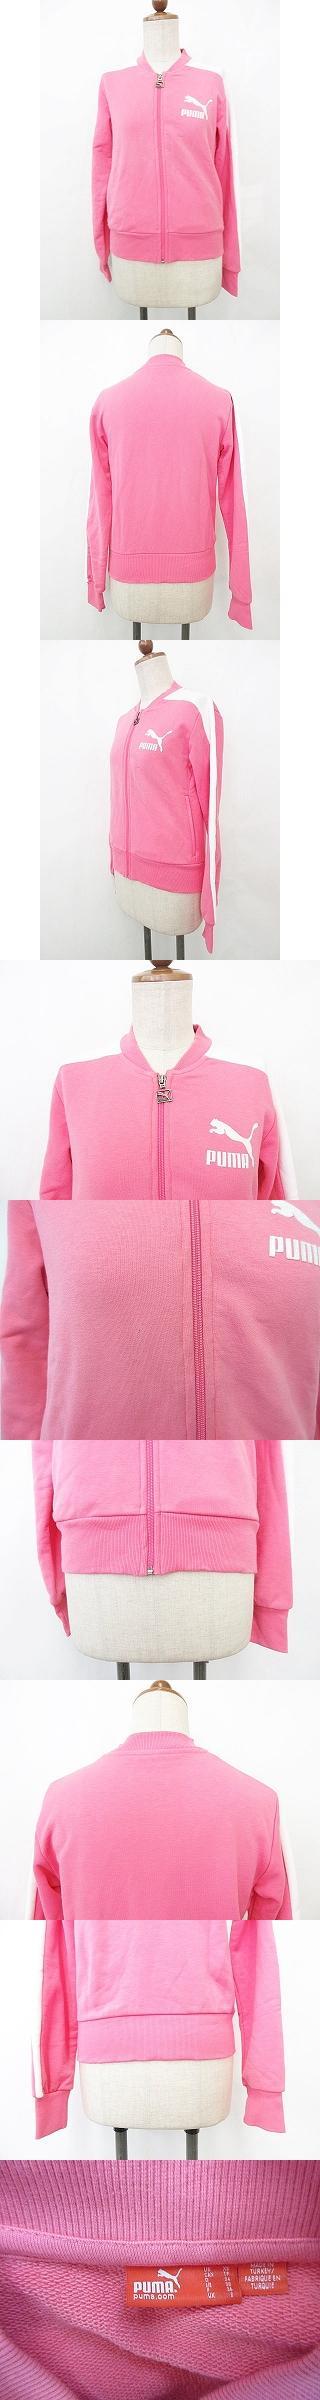 トラックジャケット 長袖 ジップアップ ロゴ ライン ピンク 白 ホワイト XS